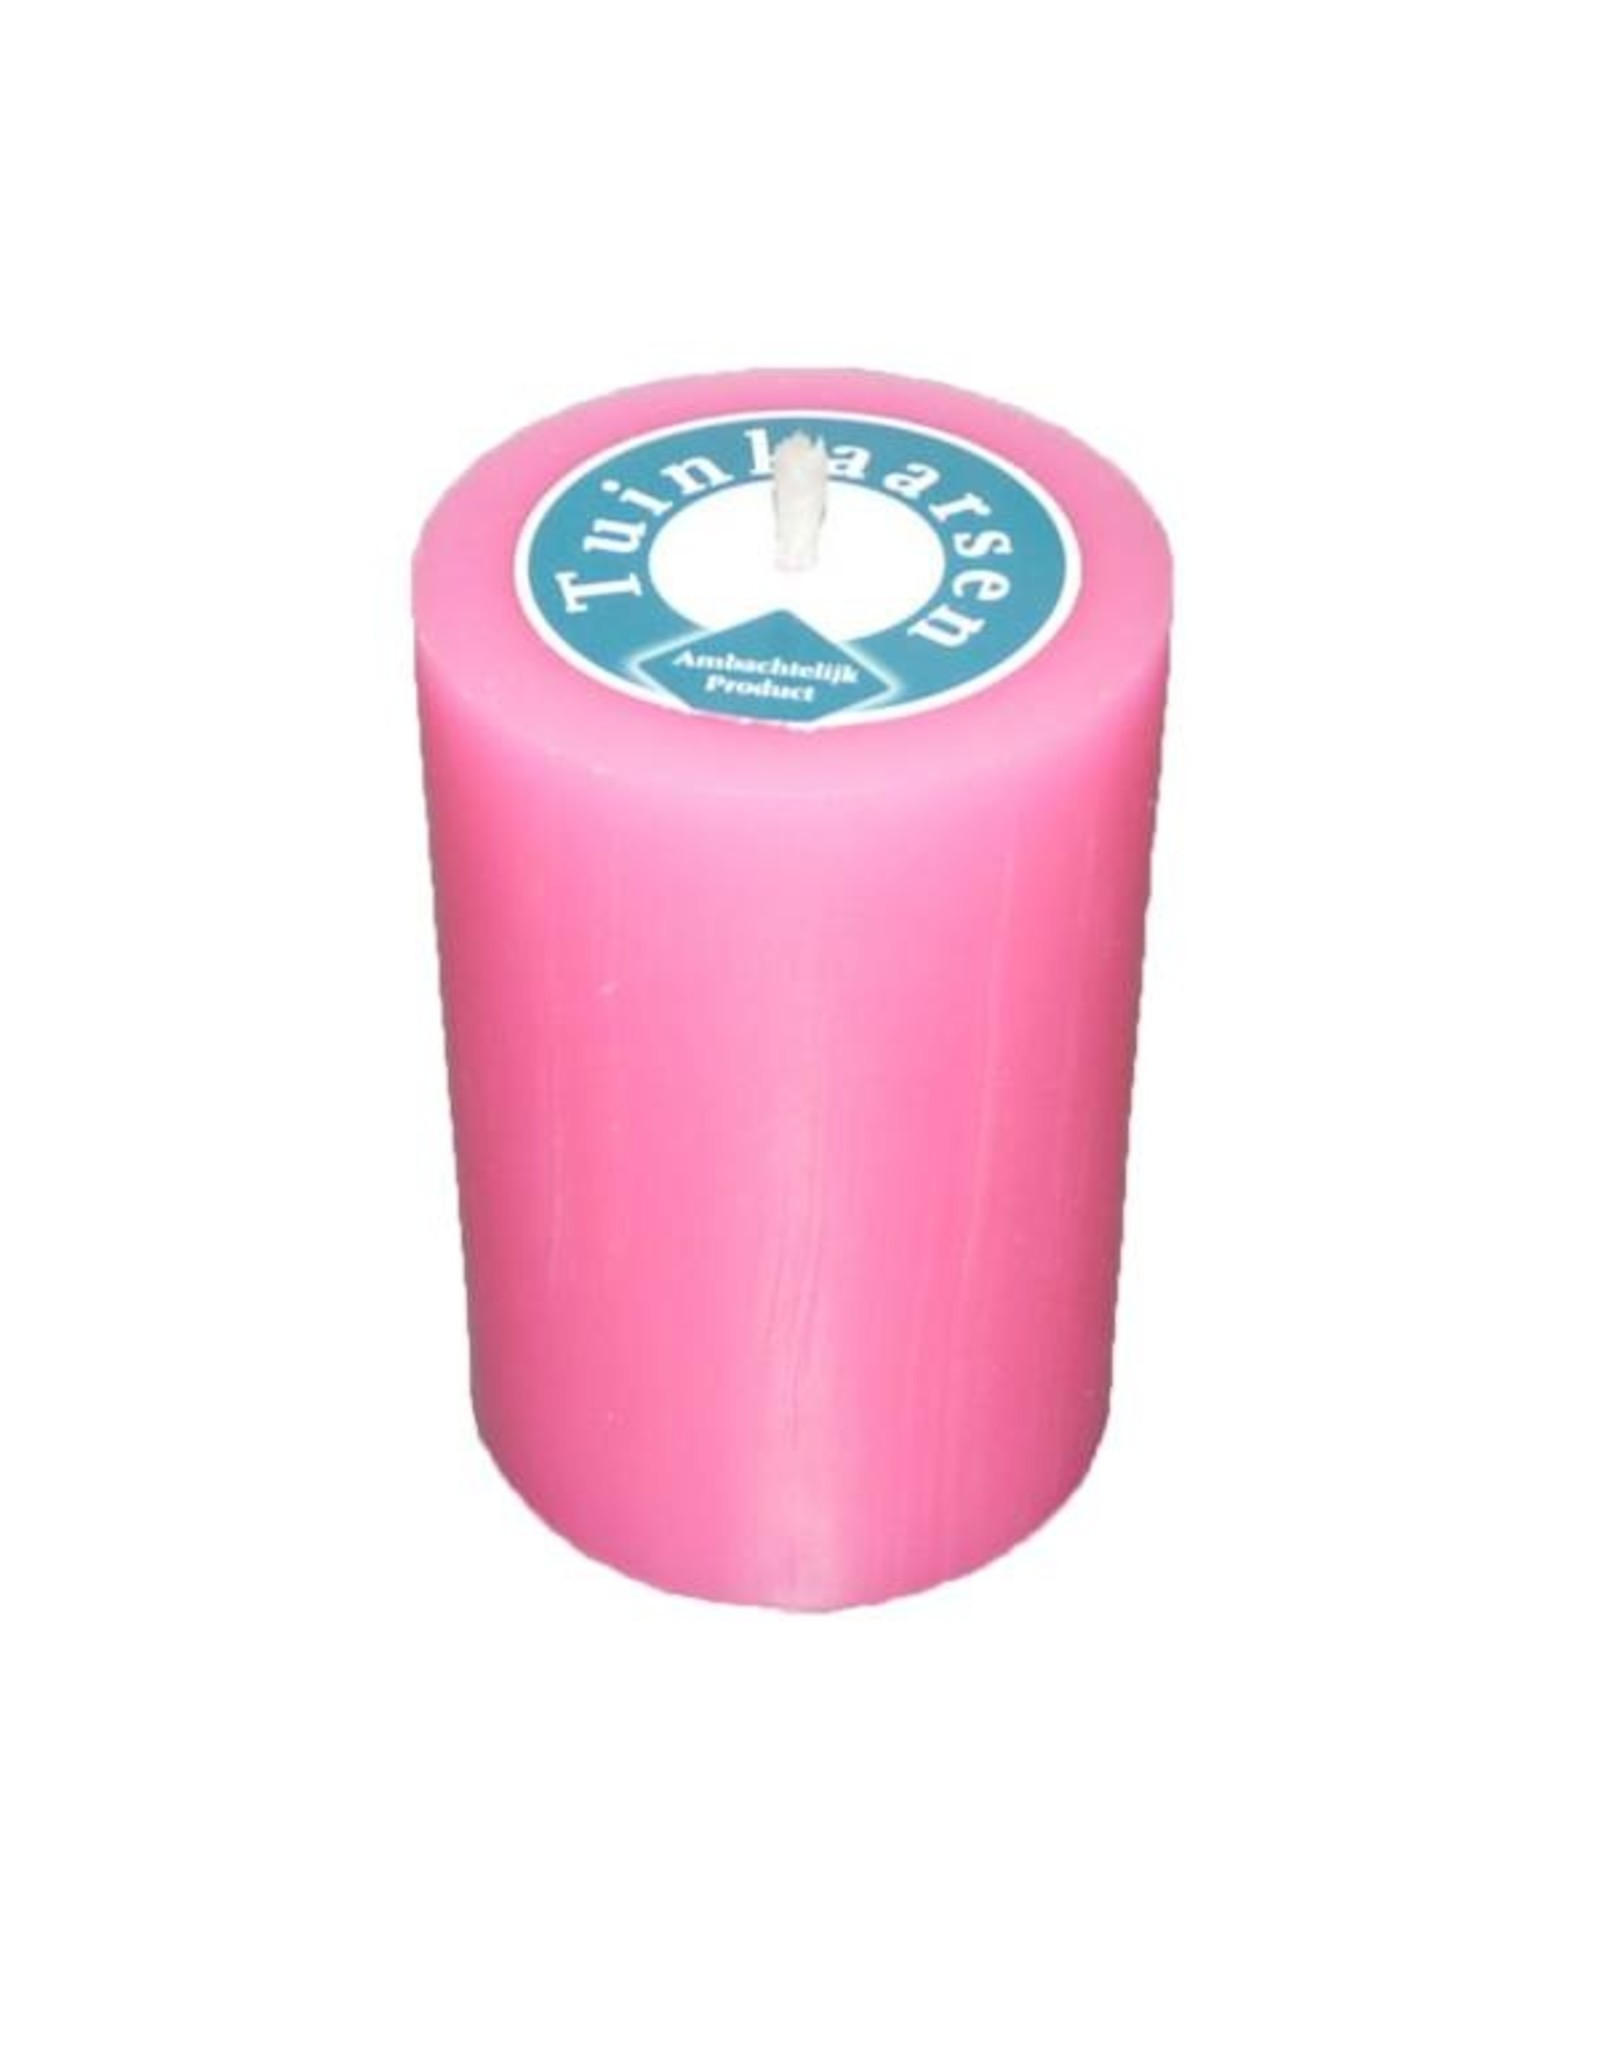 Buitenkaars in felle kleur roze Ø 7x10cm